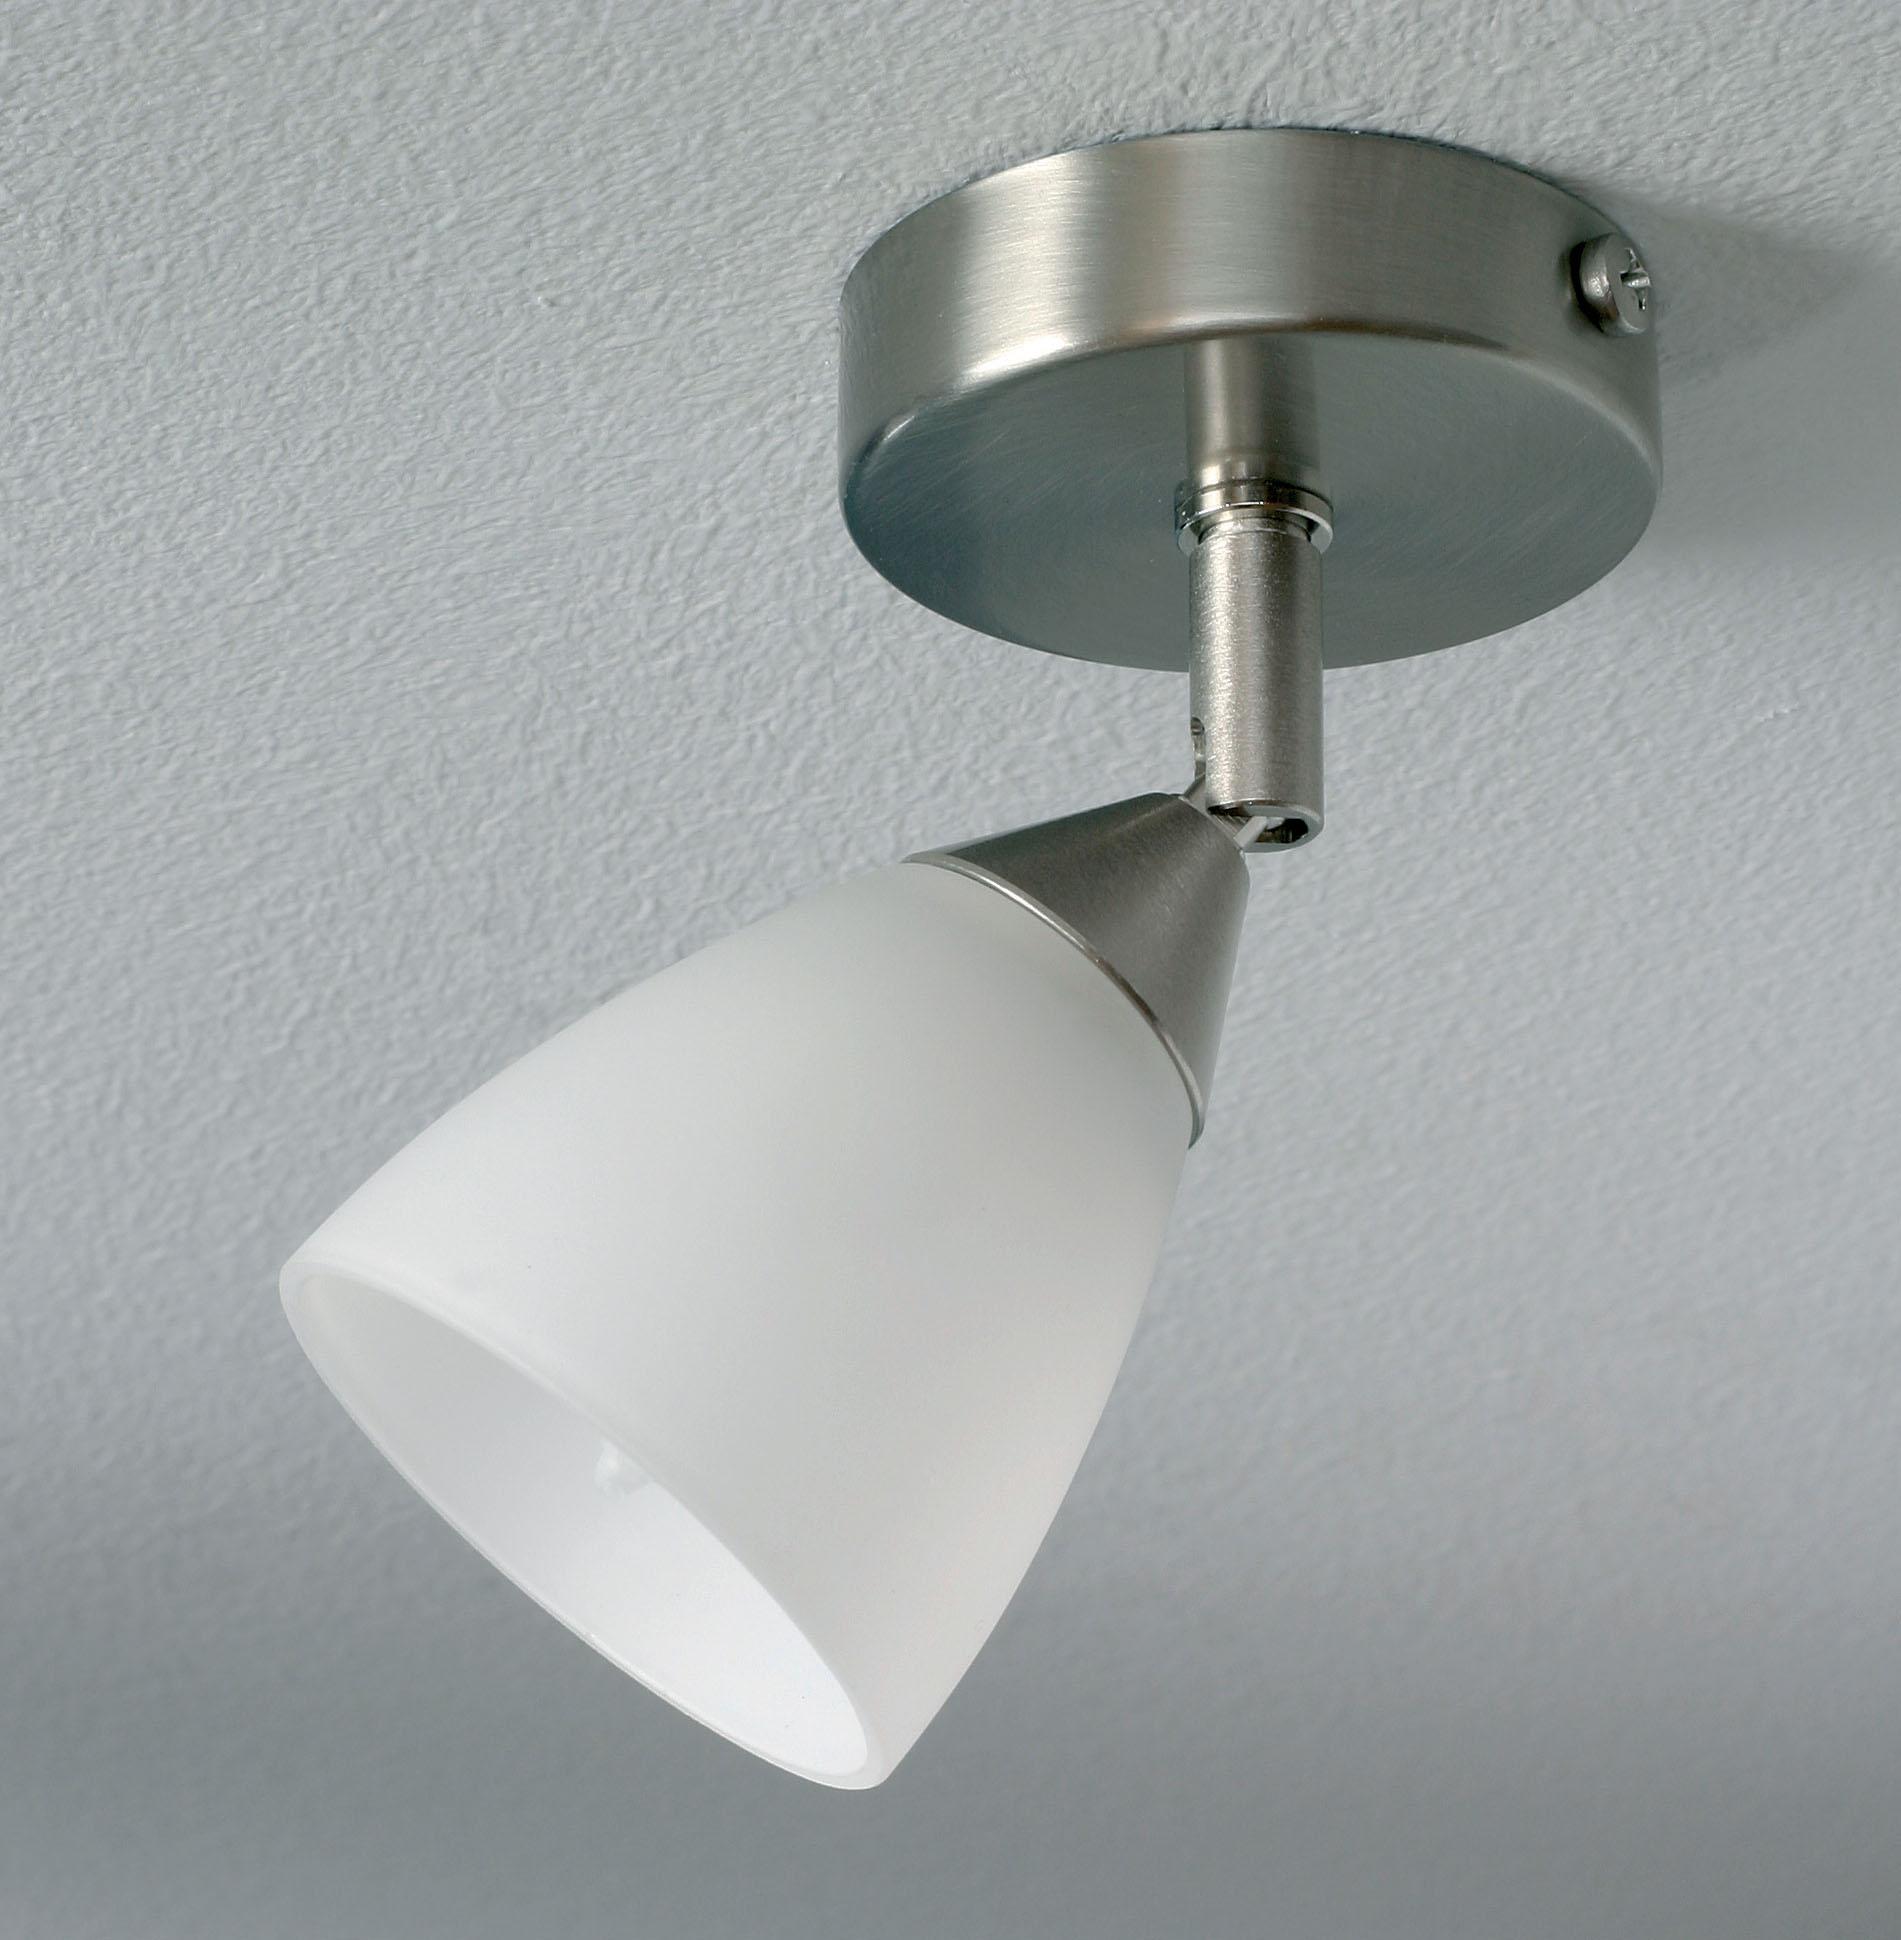 Lampenlux Deckenlampe Artes Deckenleuchte LED nickel satiniert Deckenlicht 40W Deckenstrahler Opal 200lm schwenkbar